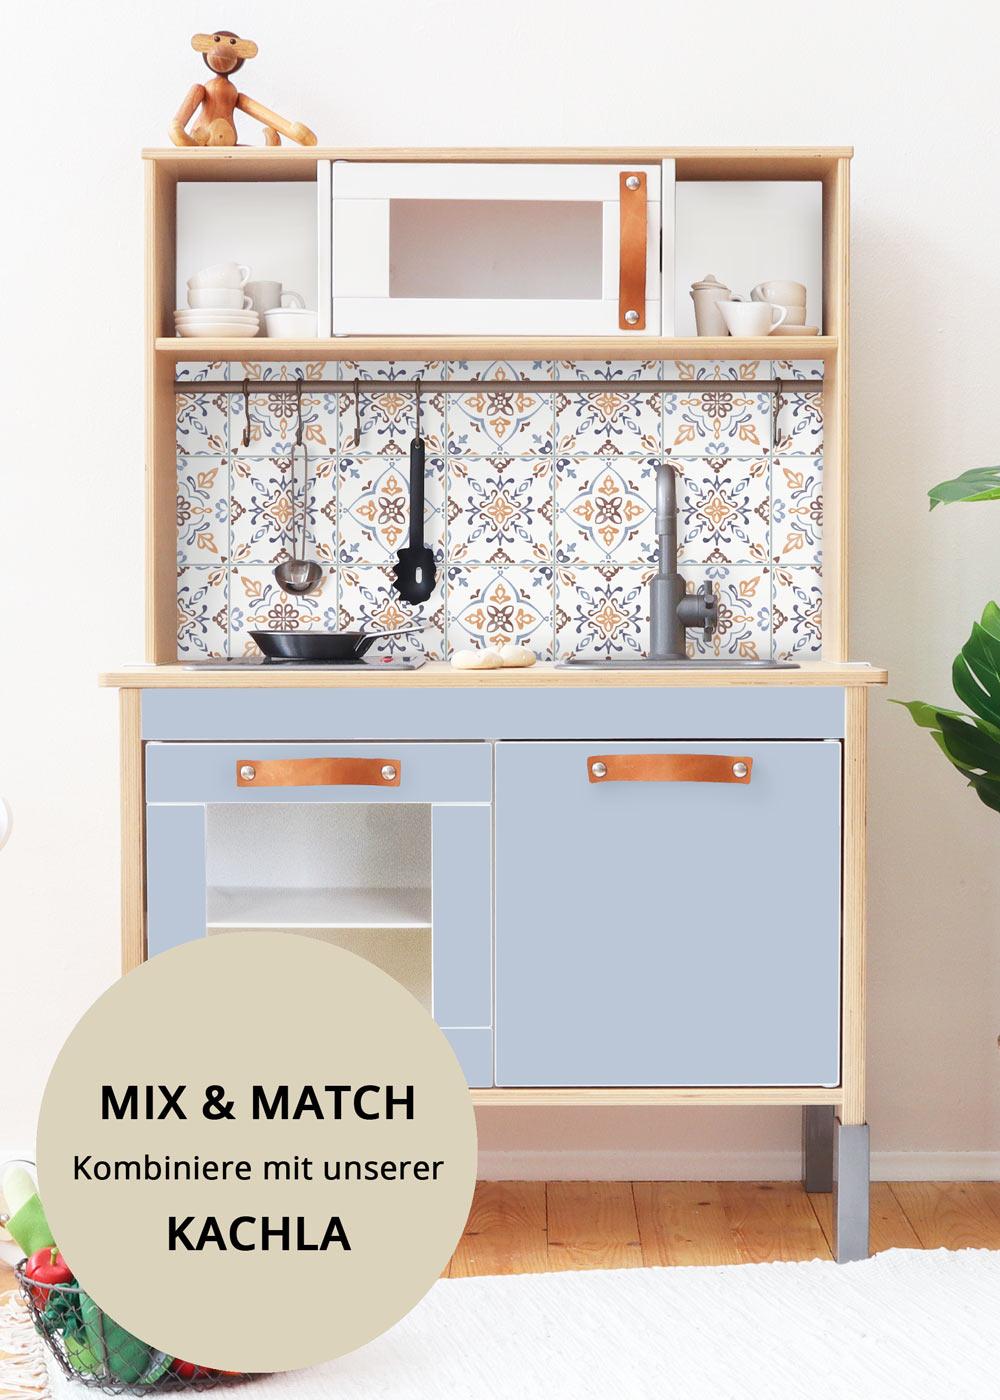 Ikea Duktig Kinderküche Frontli Nordisch blau Teilansicht